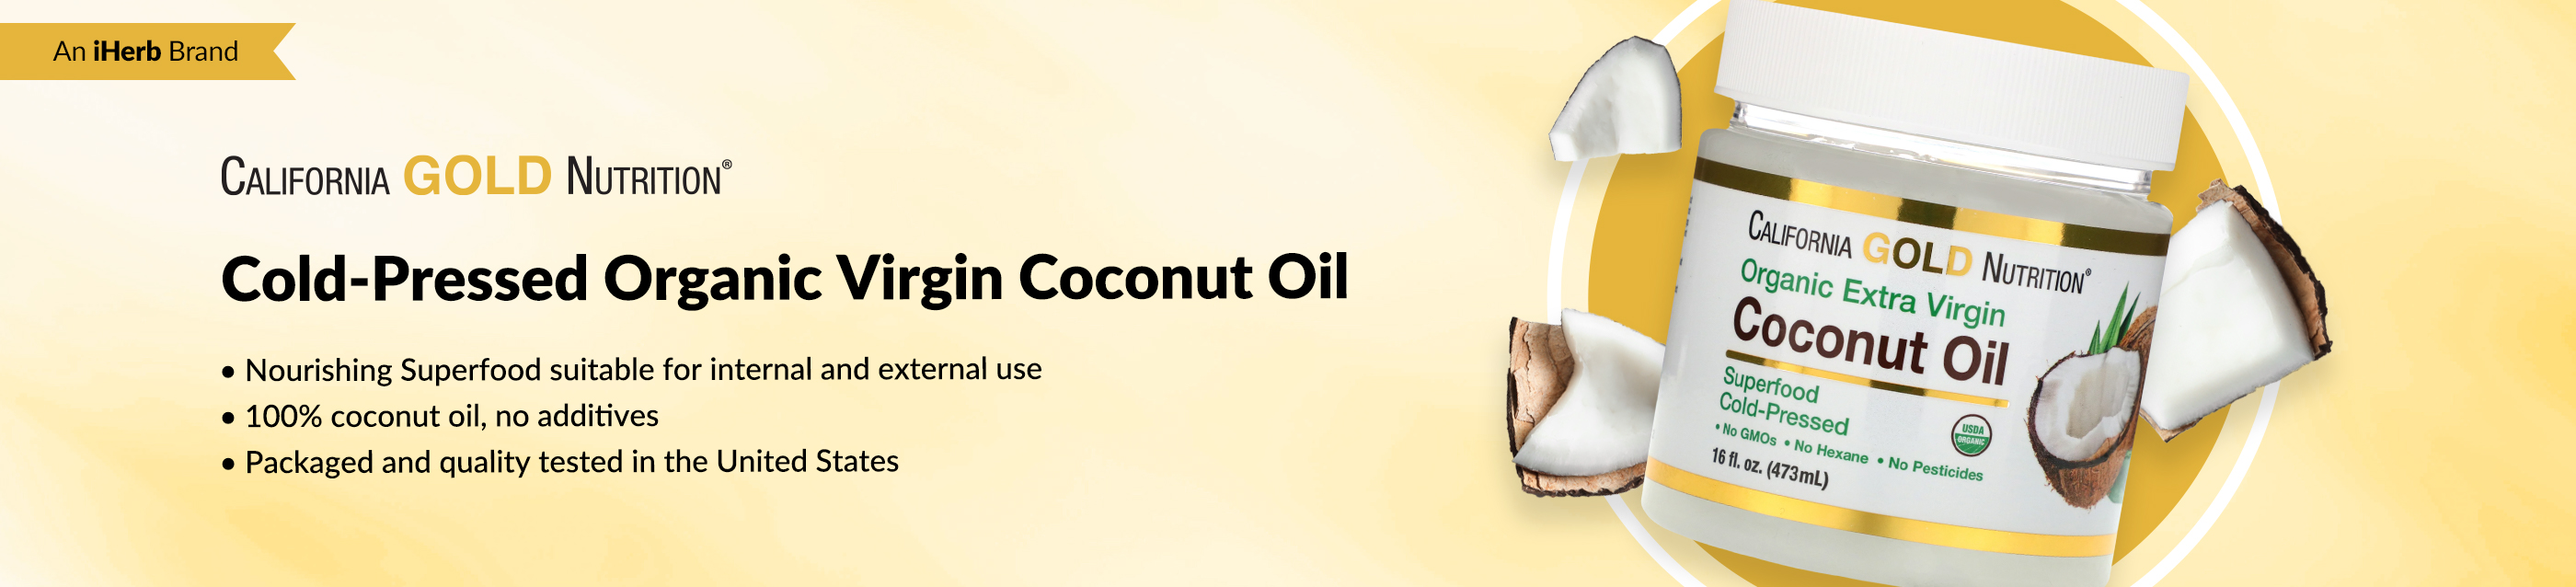 Cgn Coconut Oil